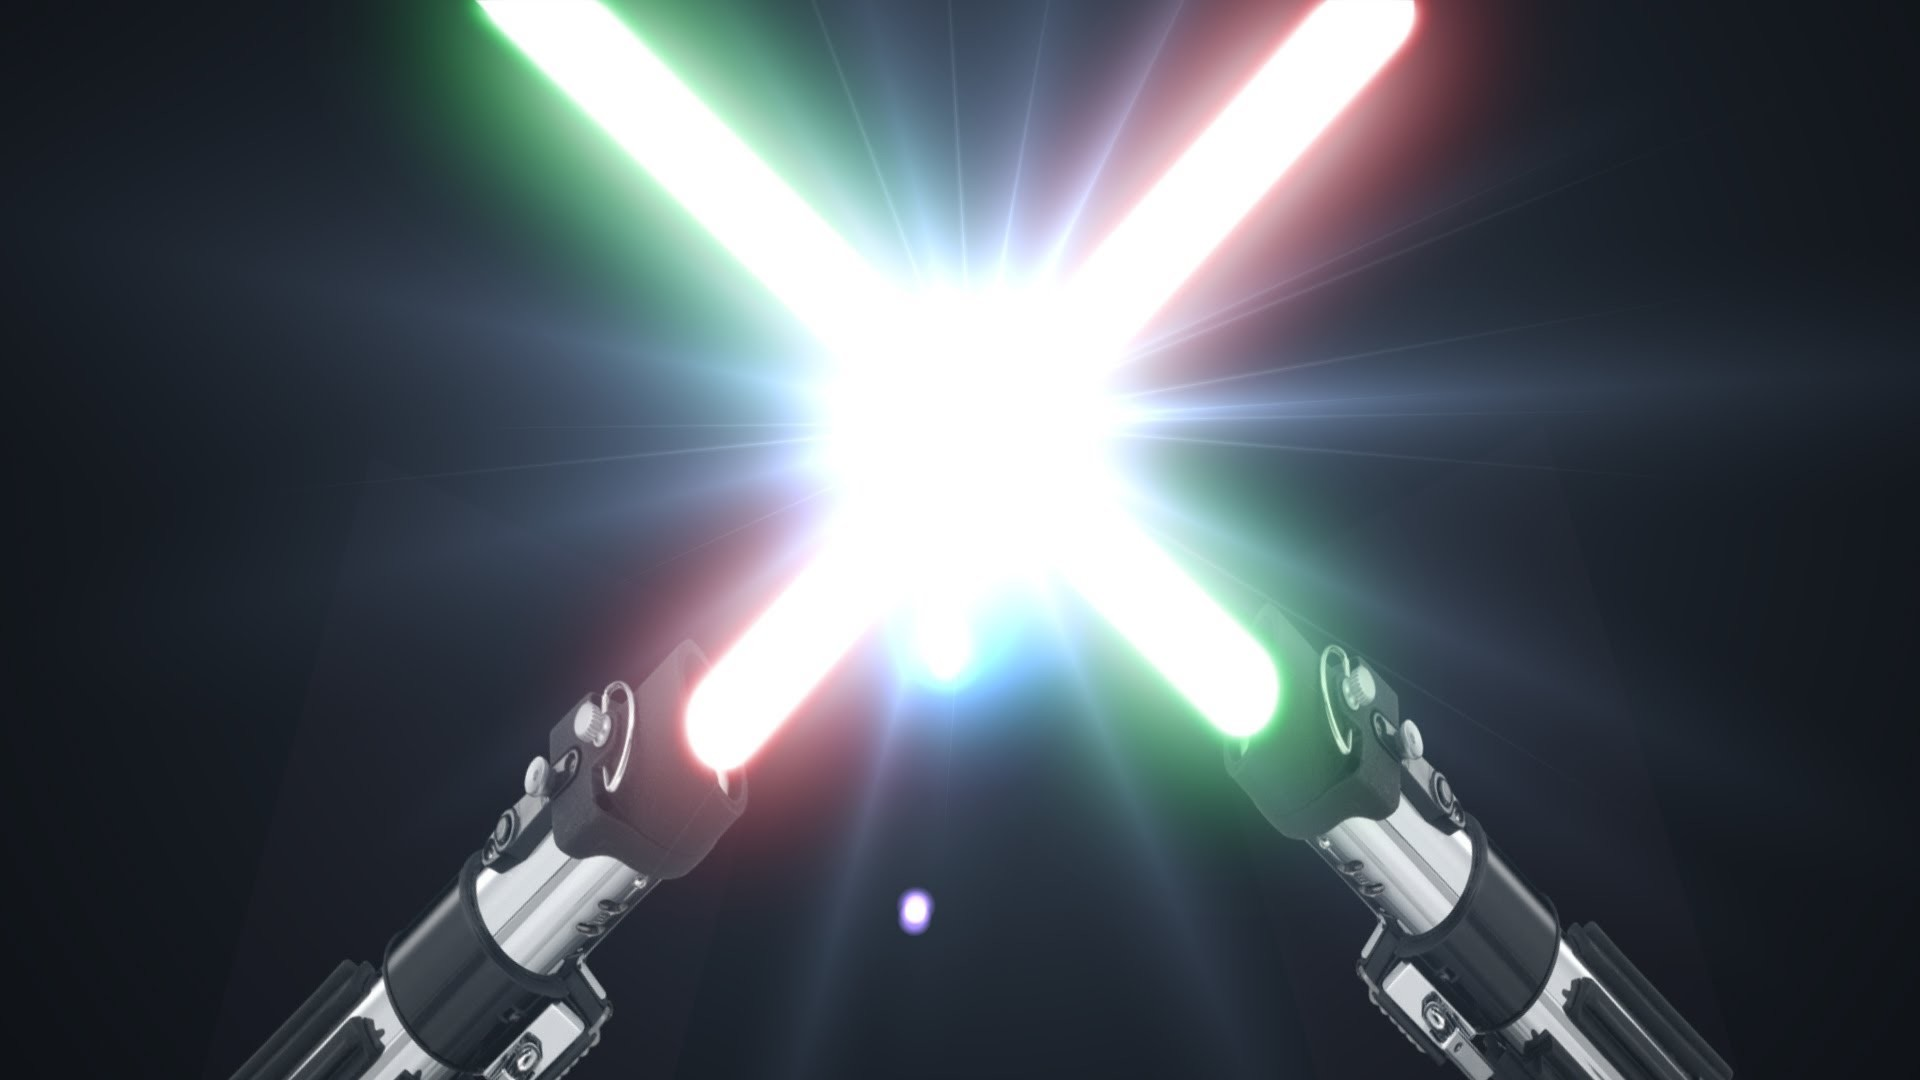 Free Download Star Wars Lightsaber Duel Wallpaper 64 Images 1920x1080 For Your Desktop Mobile Tablet Explore 44 Star Wars Lightsaber Background Star Wars Lightsaber Wallpaper Star Wars Lightsaber Background